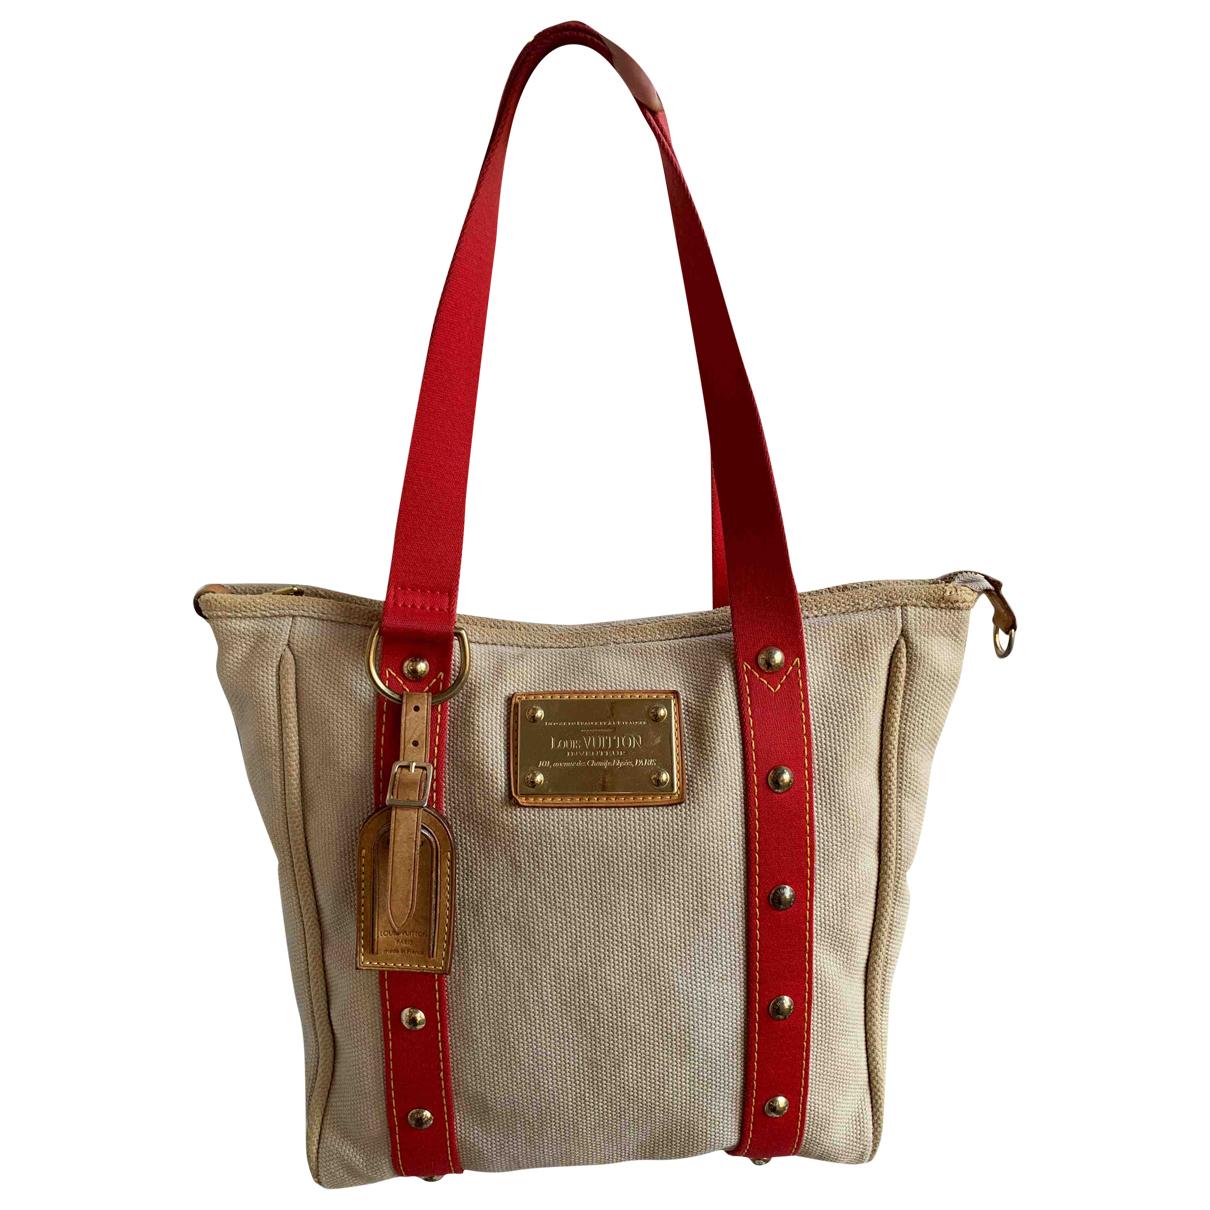 Louis Vuitton Antigua Handtasche in  Beige Leinen